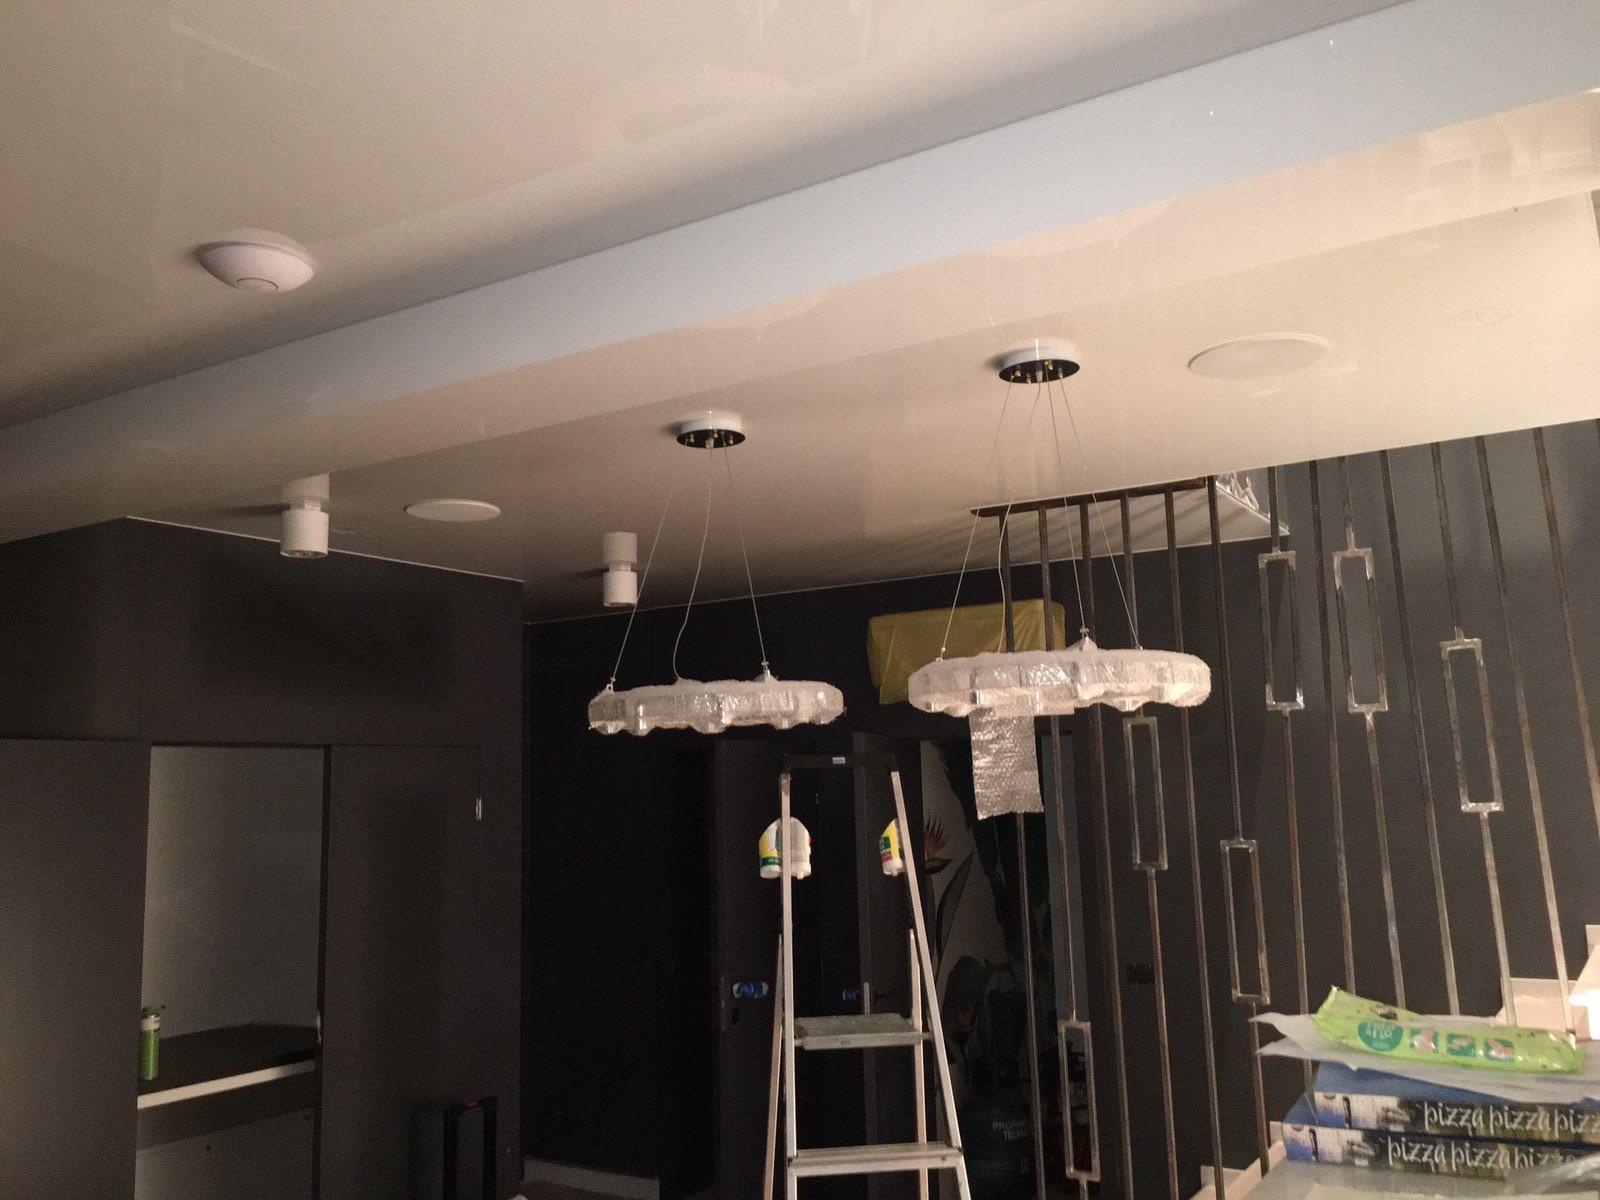 Sufity napinane biały połysk głośniki w sufitach